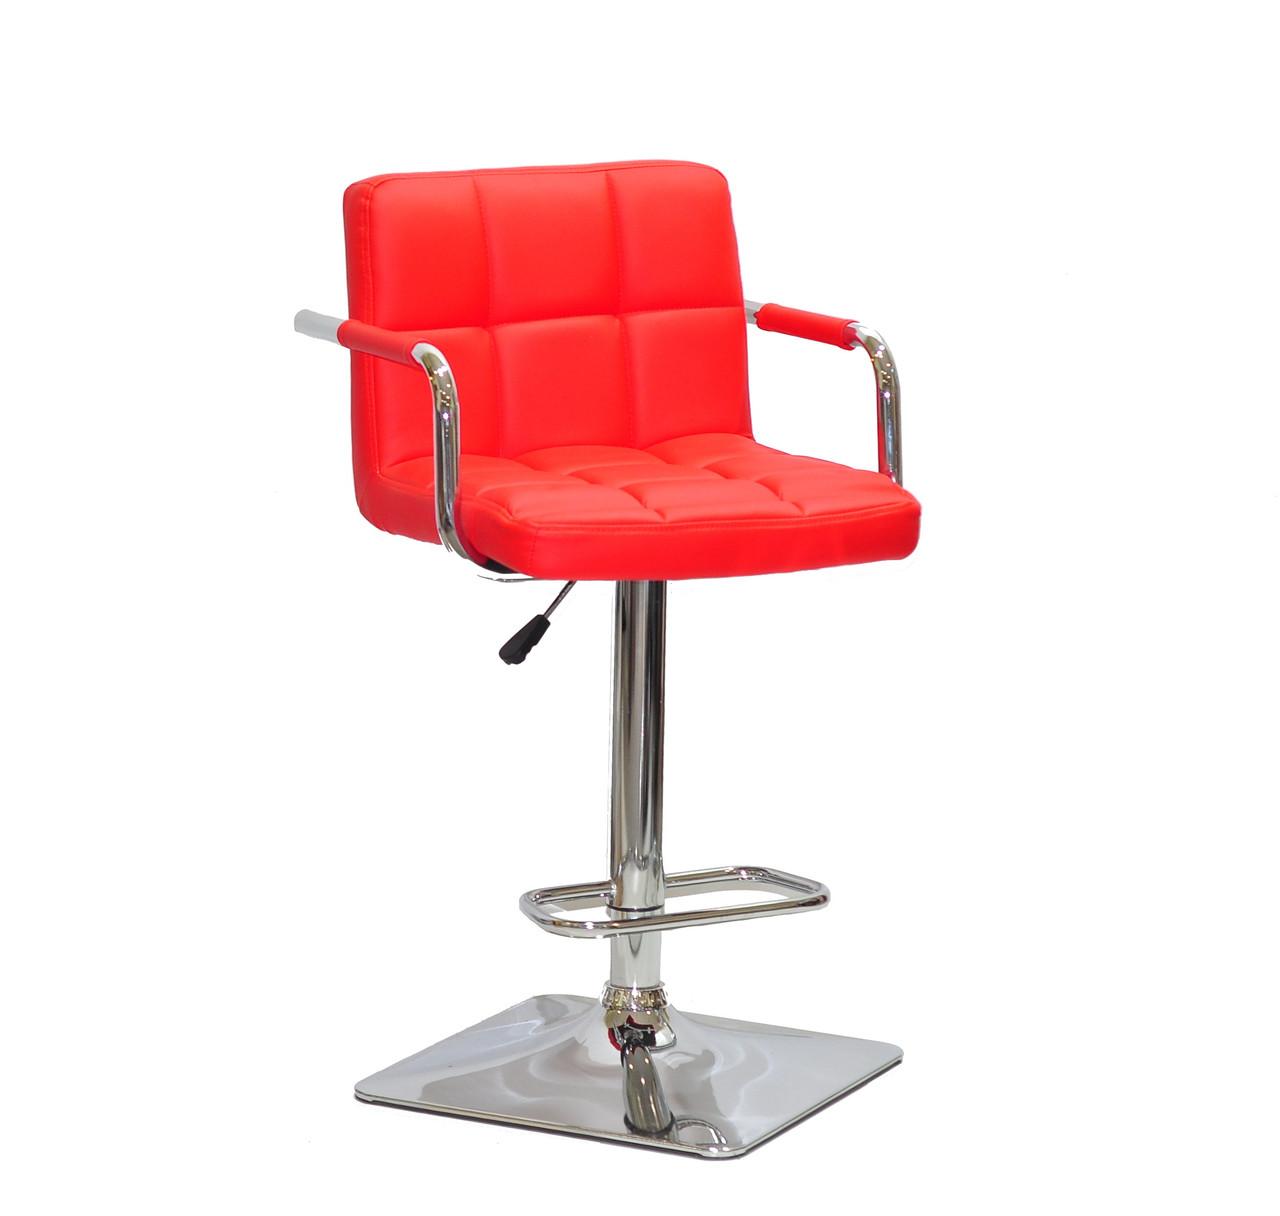 Барный стул Арно красный кожзам с подлокотниками на квадратной хром базе ARNO BAR 4CH - BASE